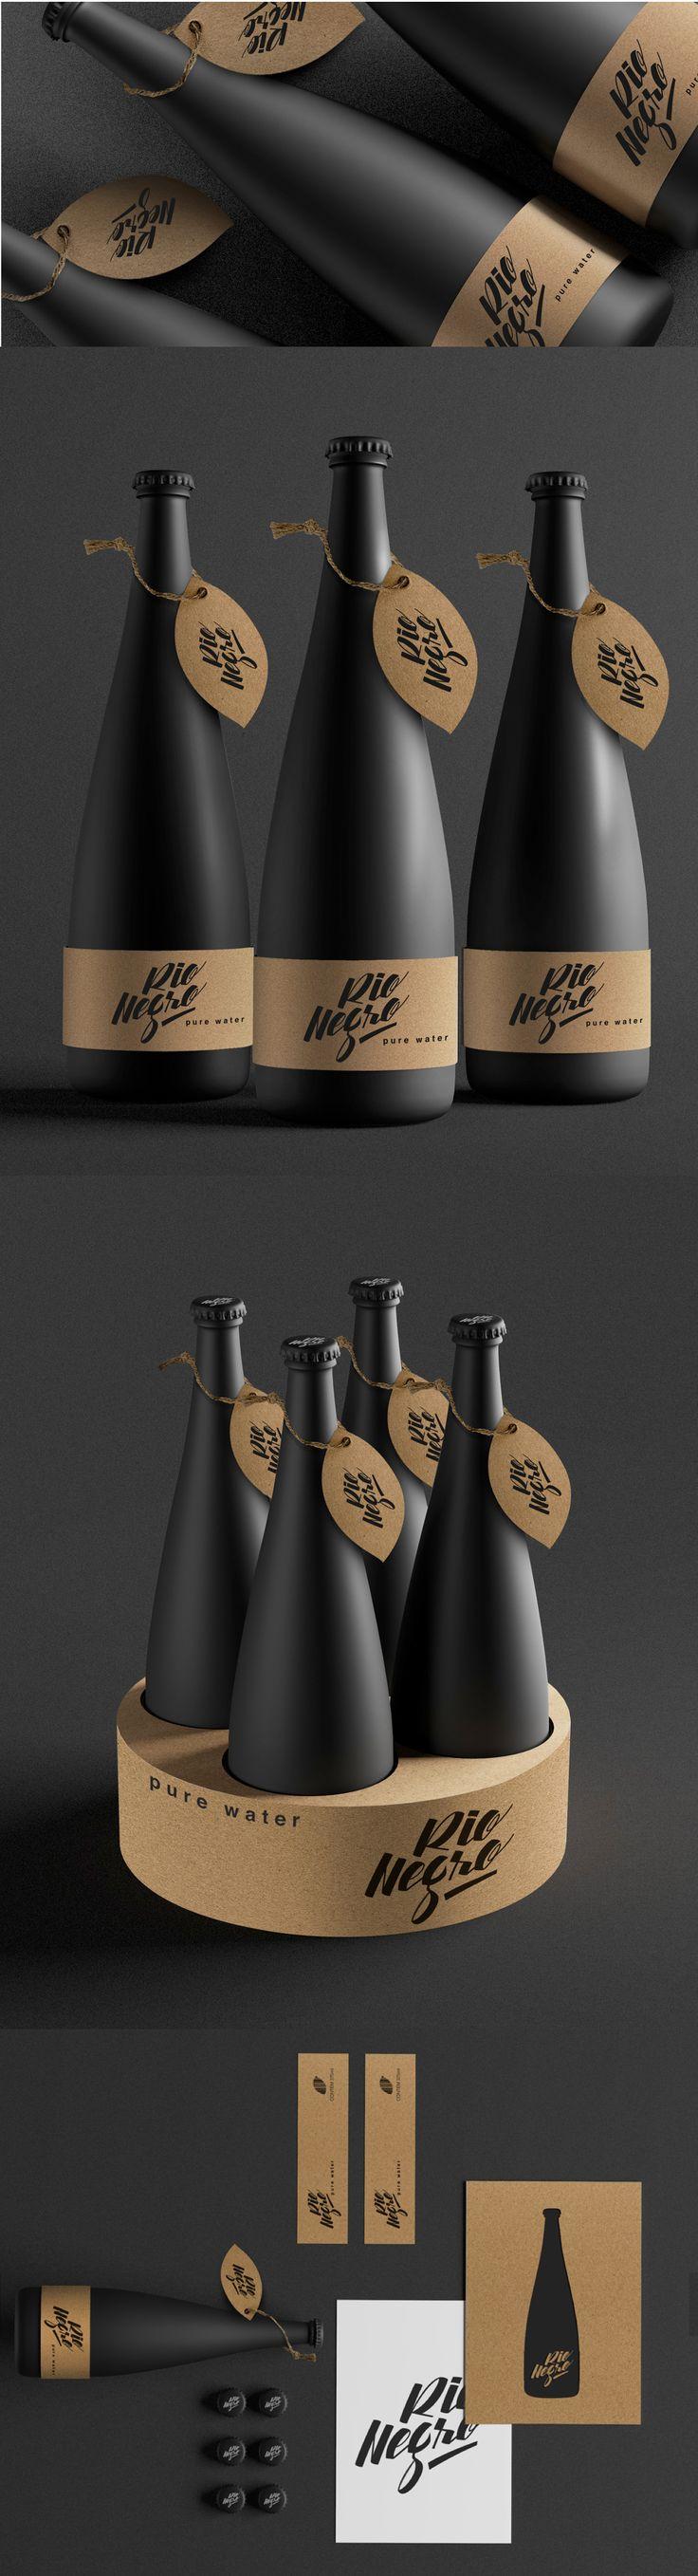 #packaging #Print Entre en el fantástico mundo de elcafeatomico.com para descubrir muchas más cosas! #branding